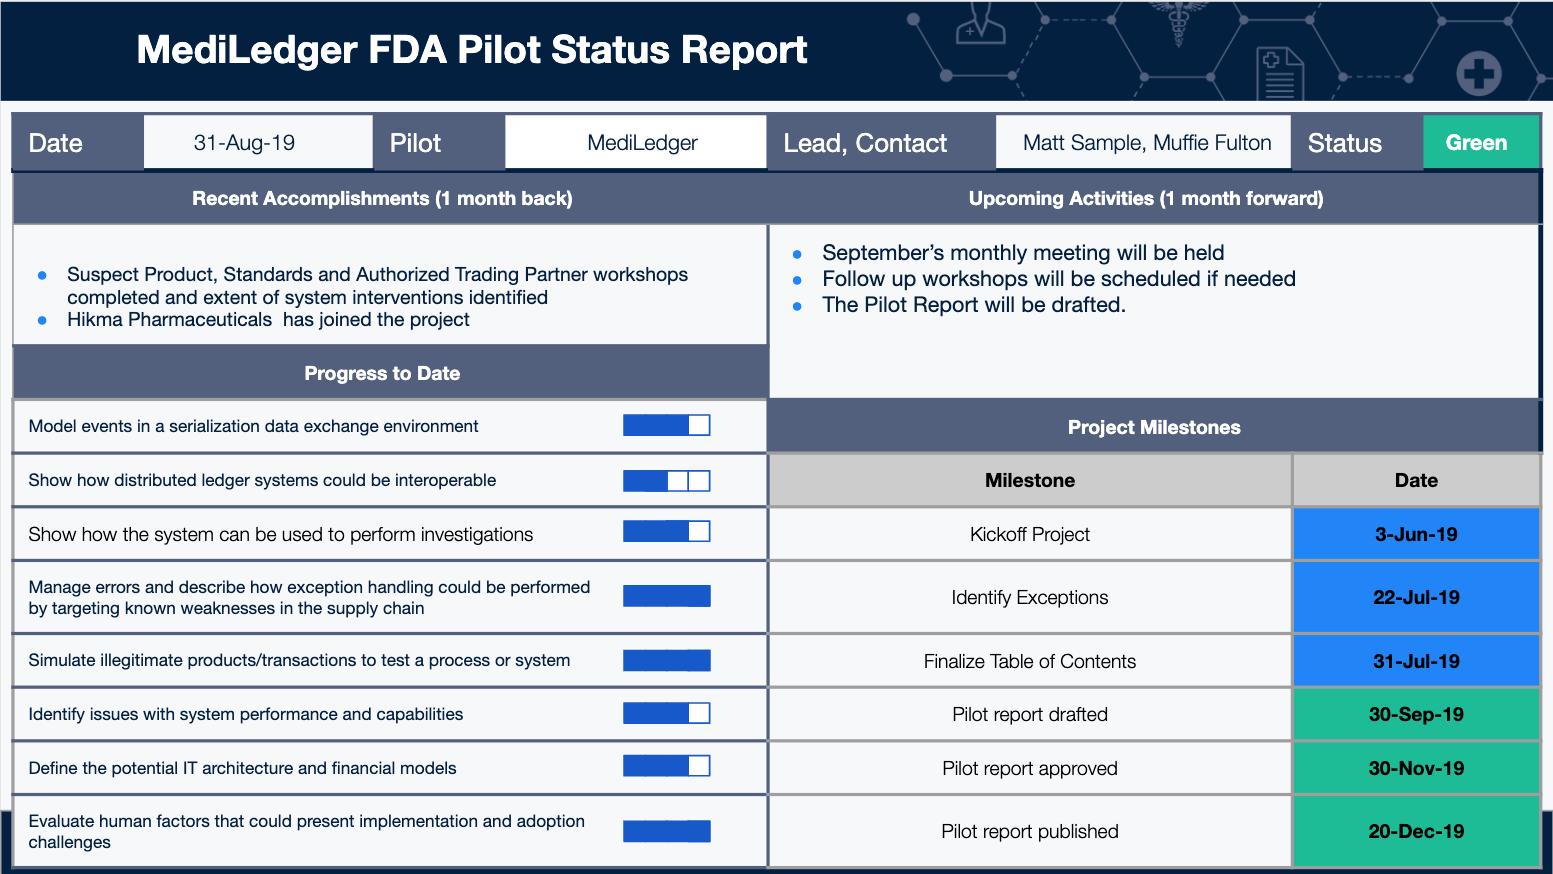 Current Pilot Status